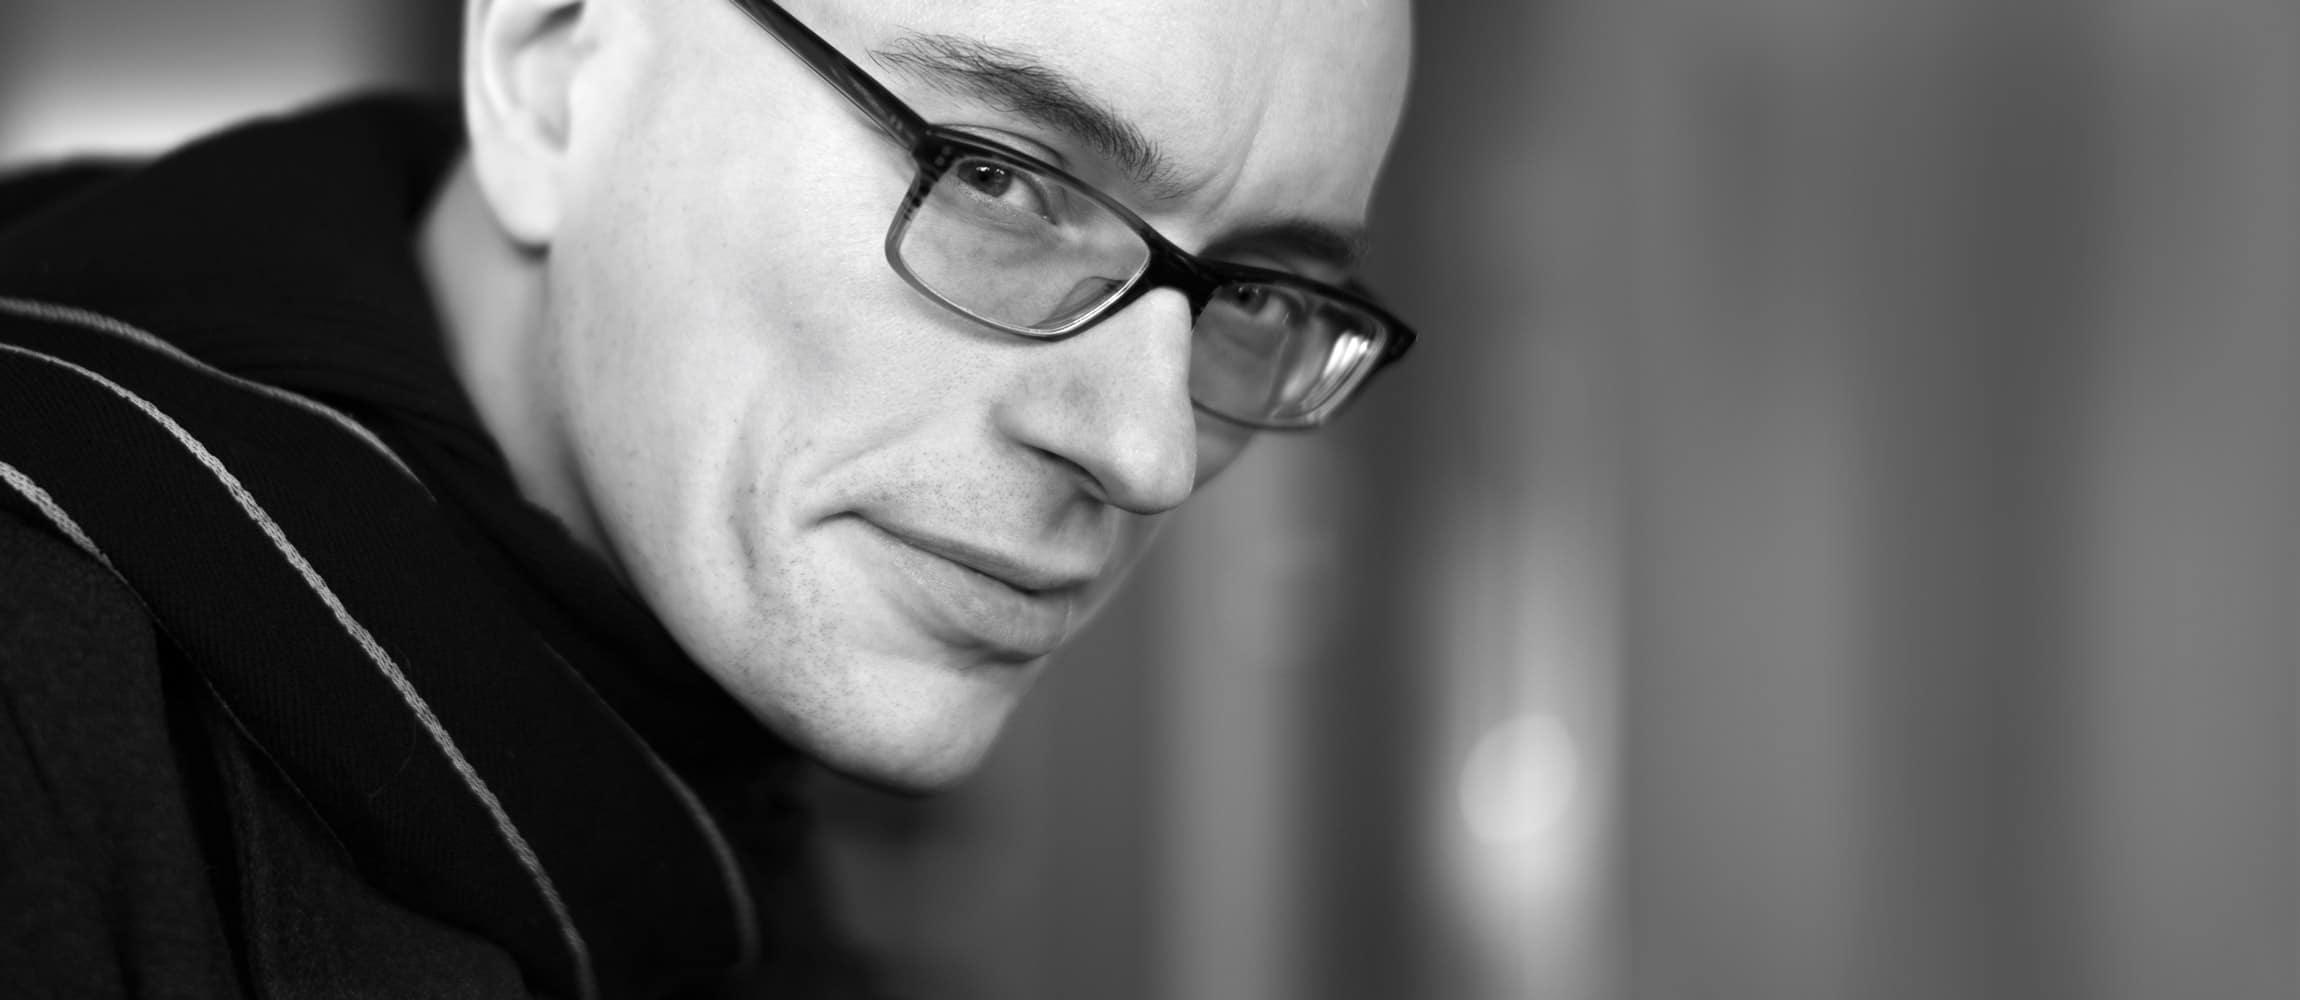 Stefan G. Bucher / Photo by Bruce Heavin